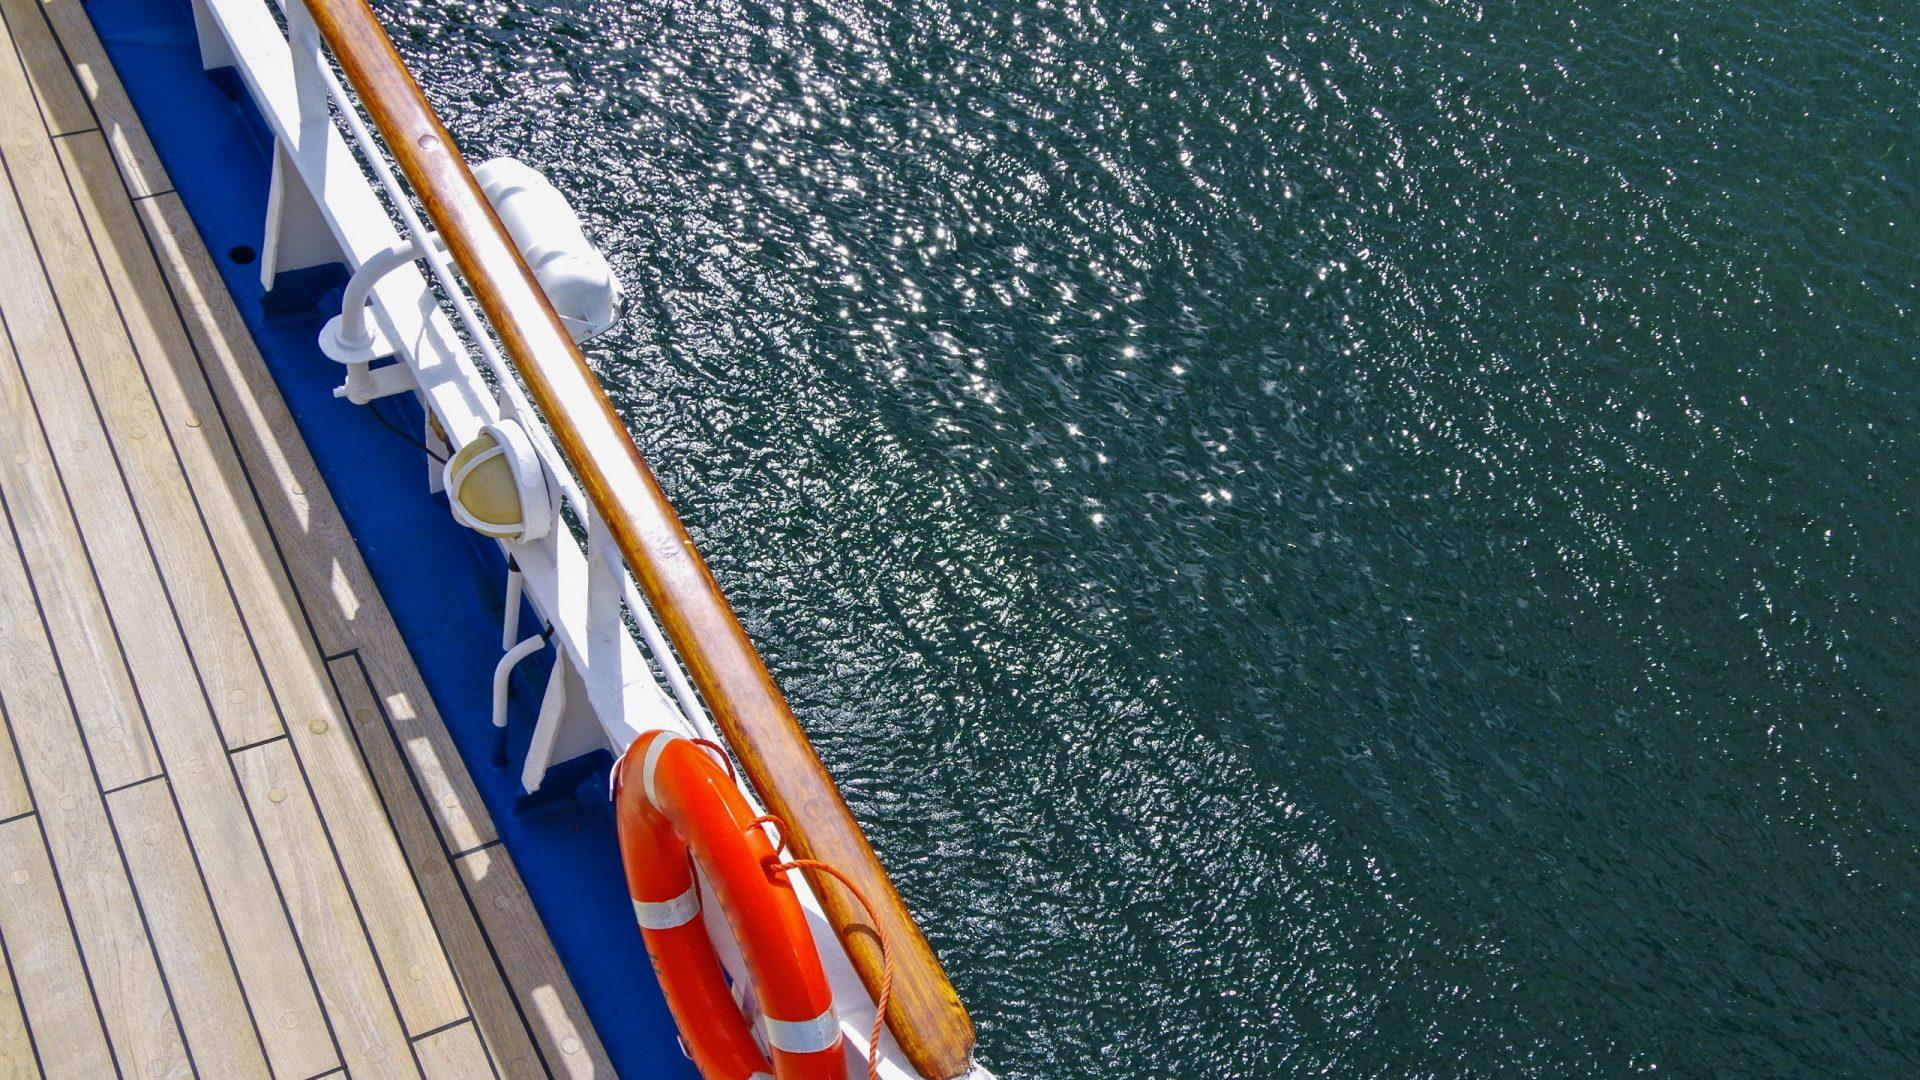 Leeres Bootsdeck von Kreuzfahrtschiff mit Unterseite Rettungsboote - Empty outddor teak deck promenade on classic cruiseship or cruise ship liner